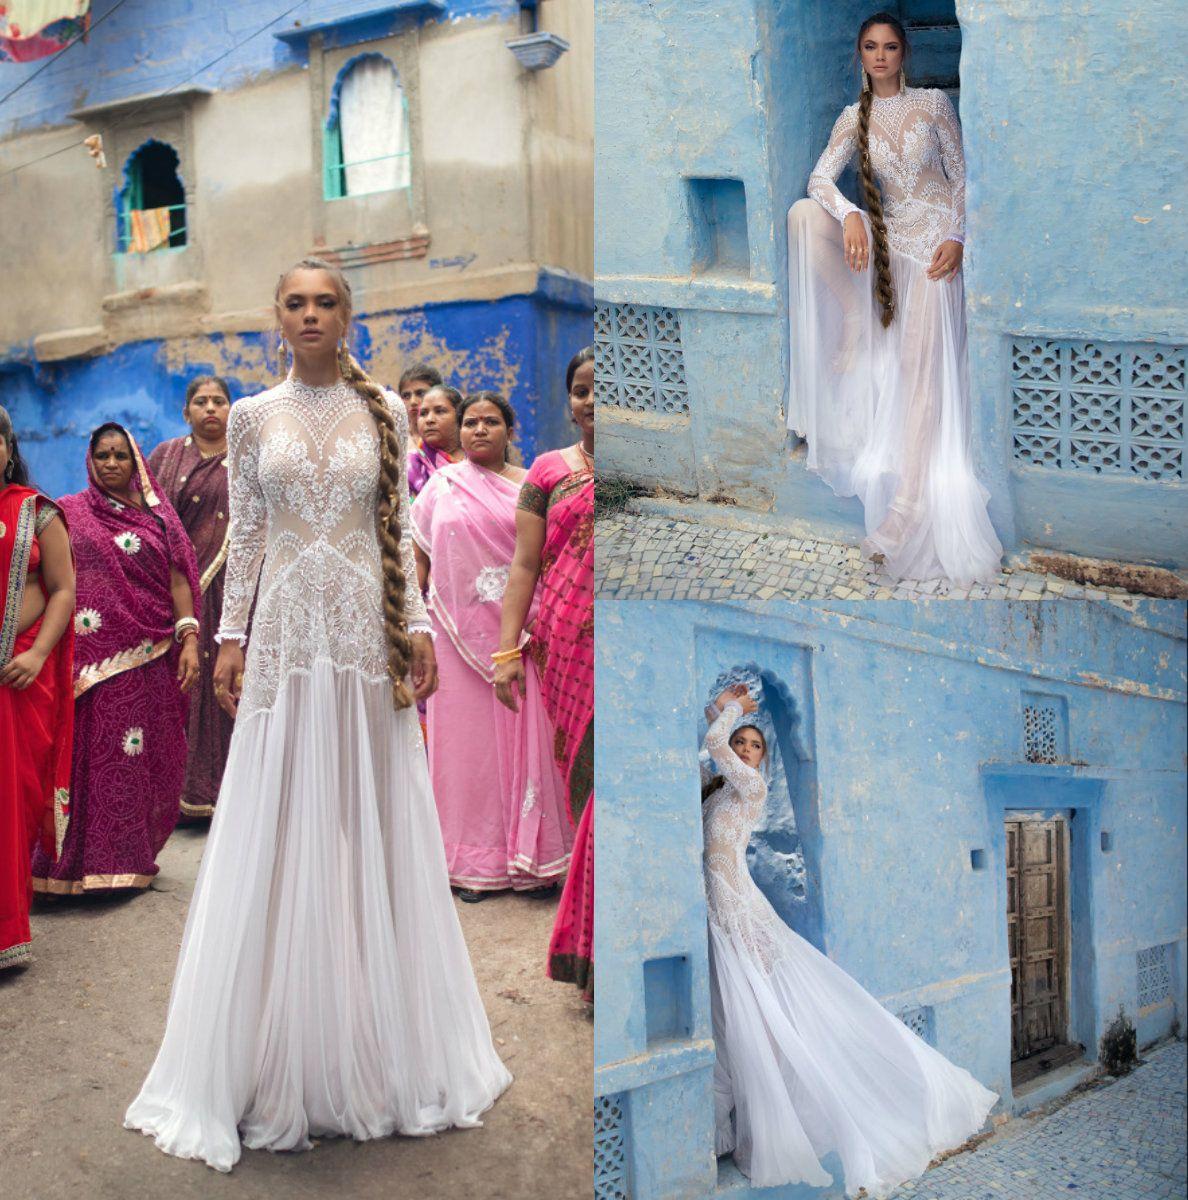 Lior Charchy India Vestidos de novia abiti da sposa Vestido de novia de manga larga con cuello alto Una línea Más el vestido de novia de hadas